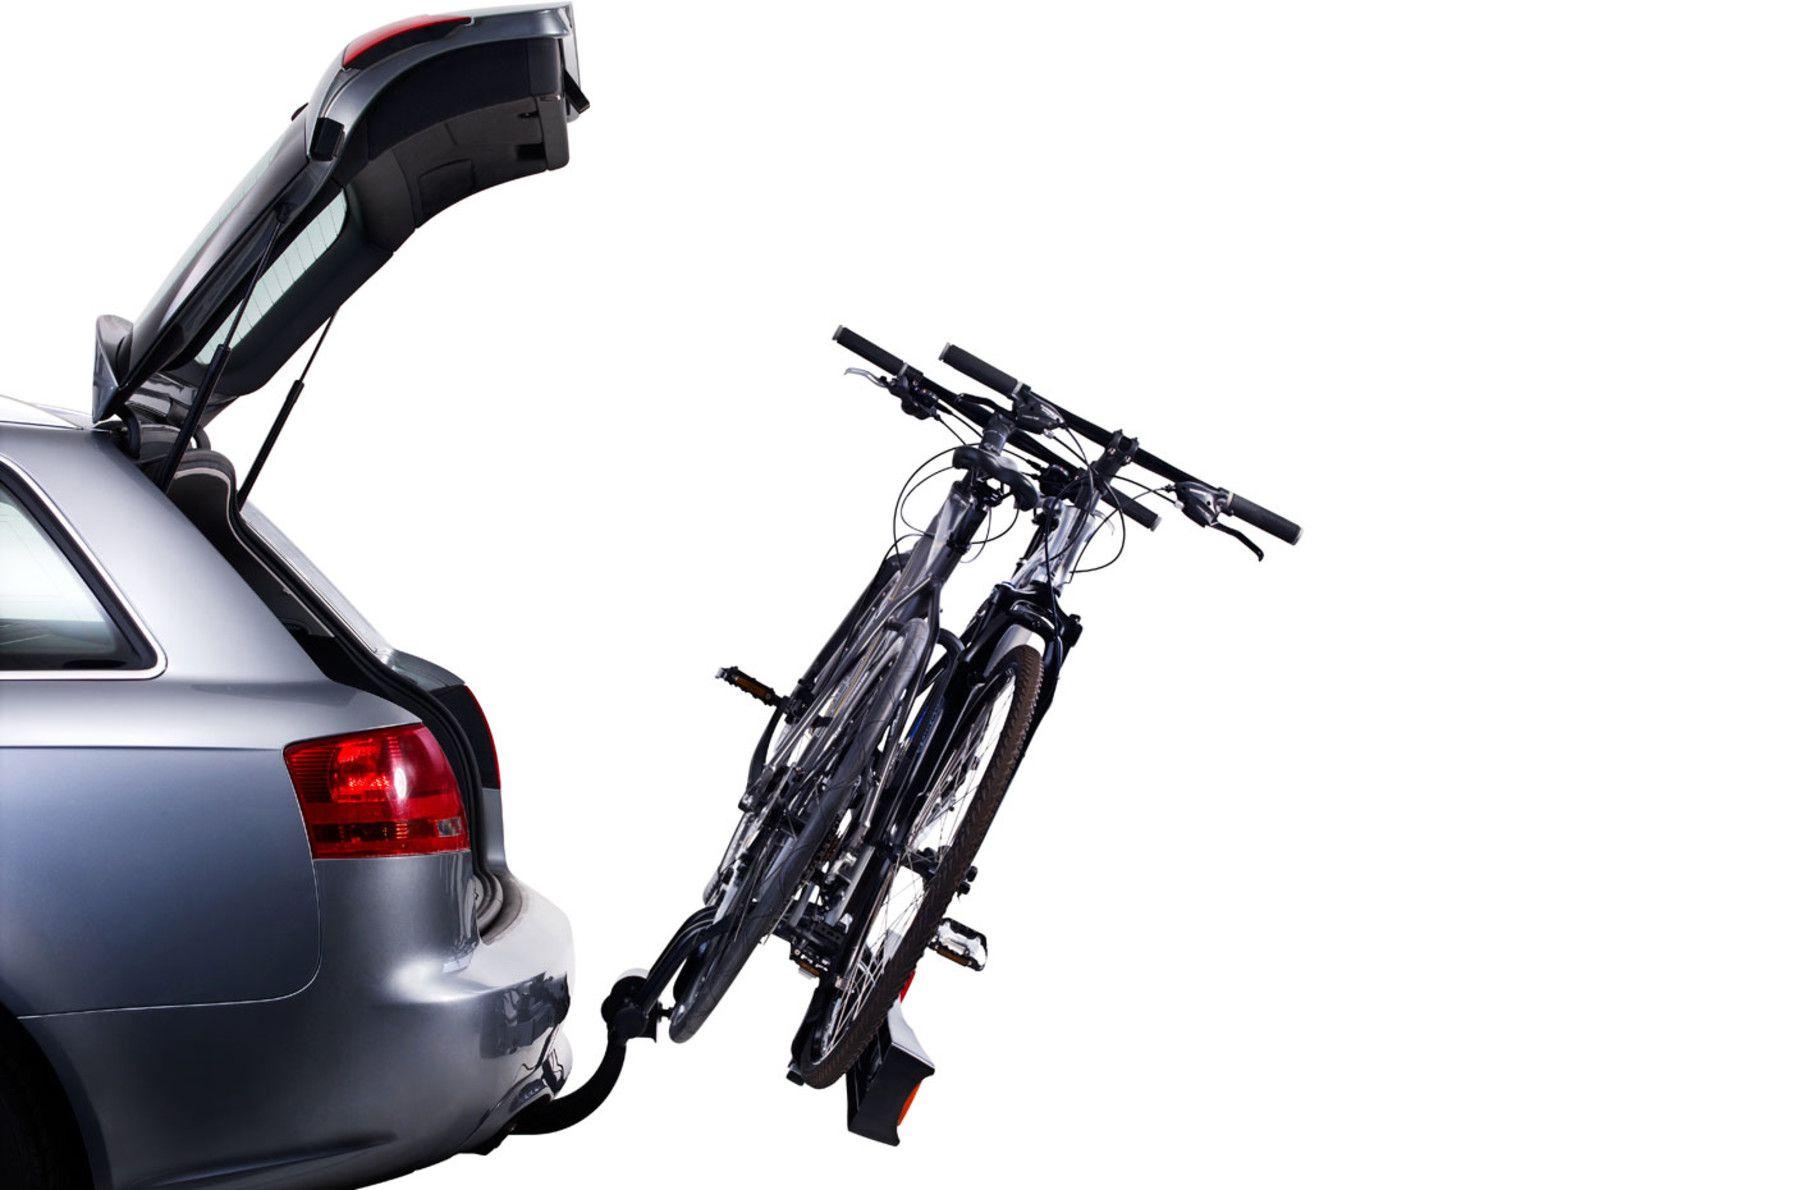 Suporte de Engate para Bicicleta Thule RideOn 2 Bicicletas